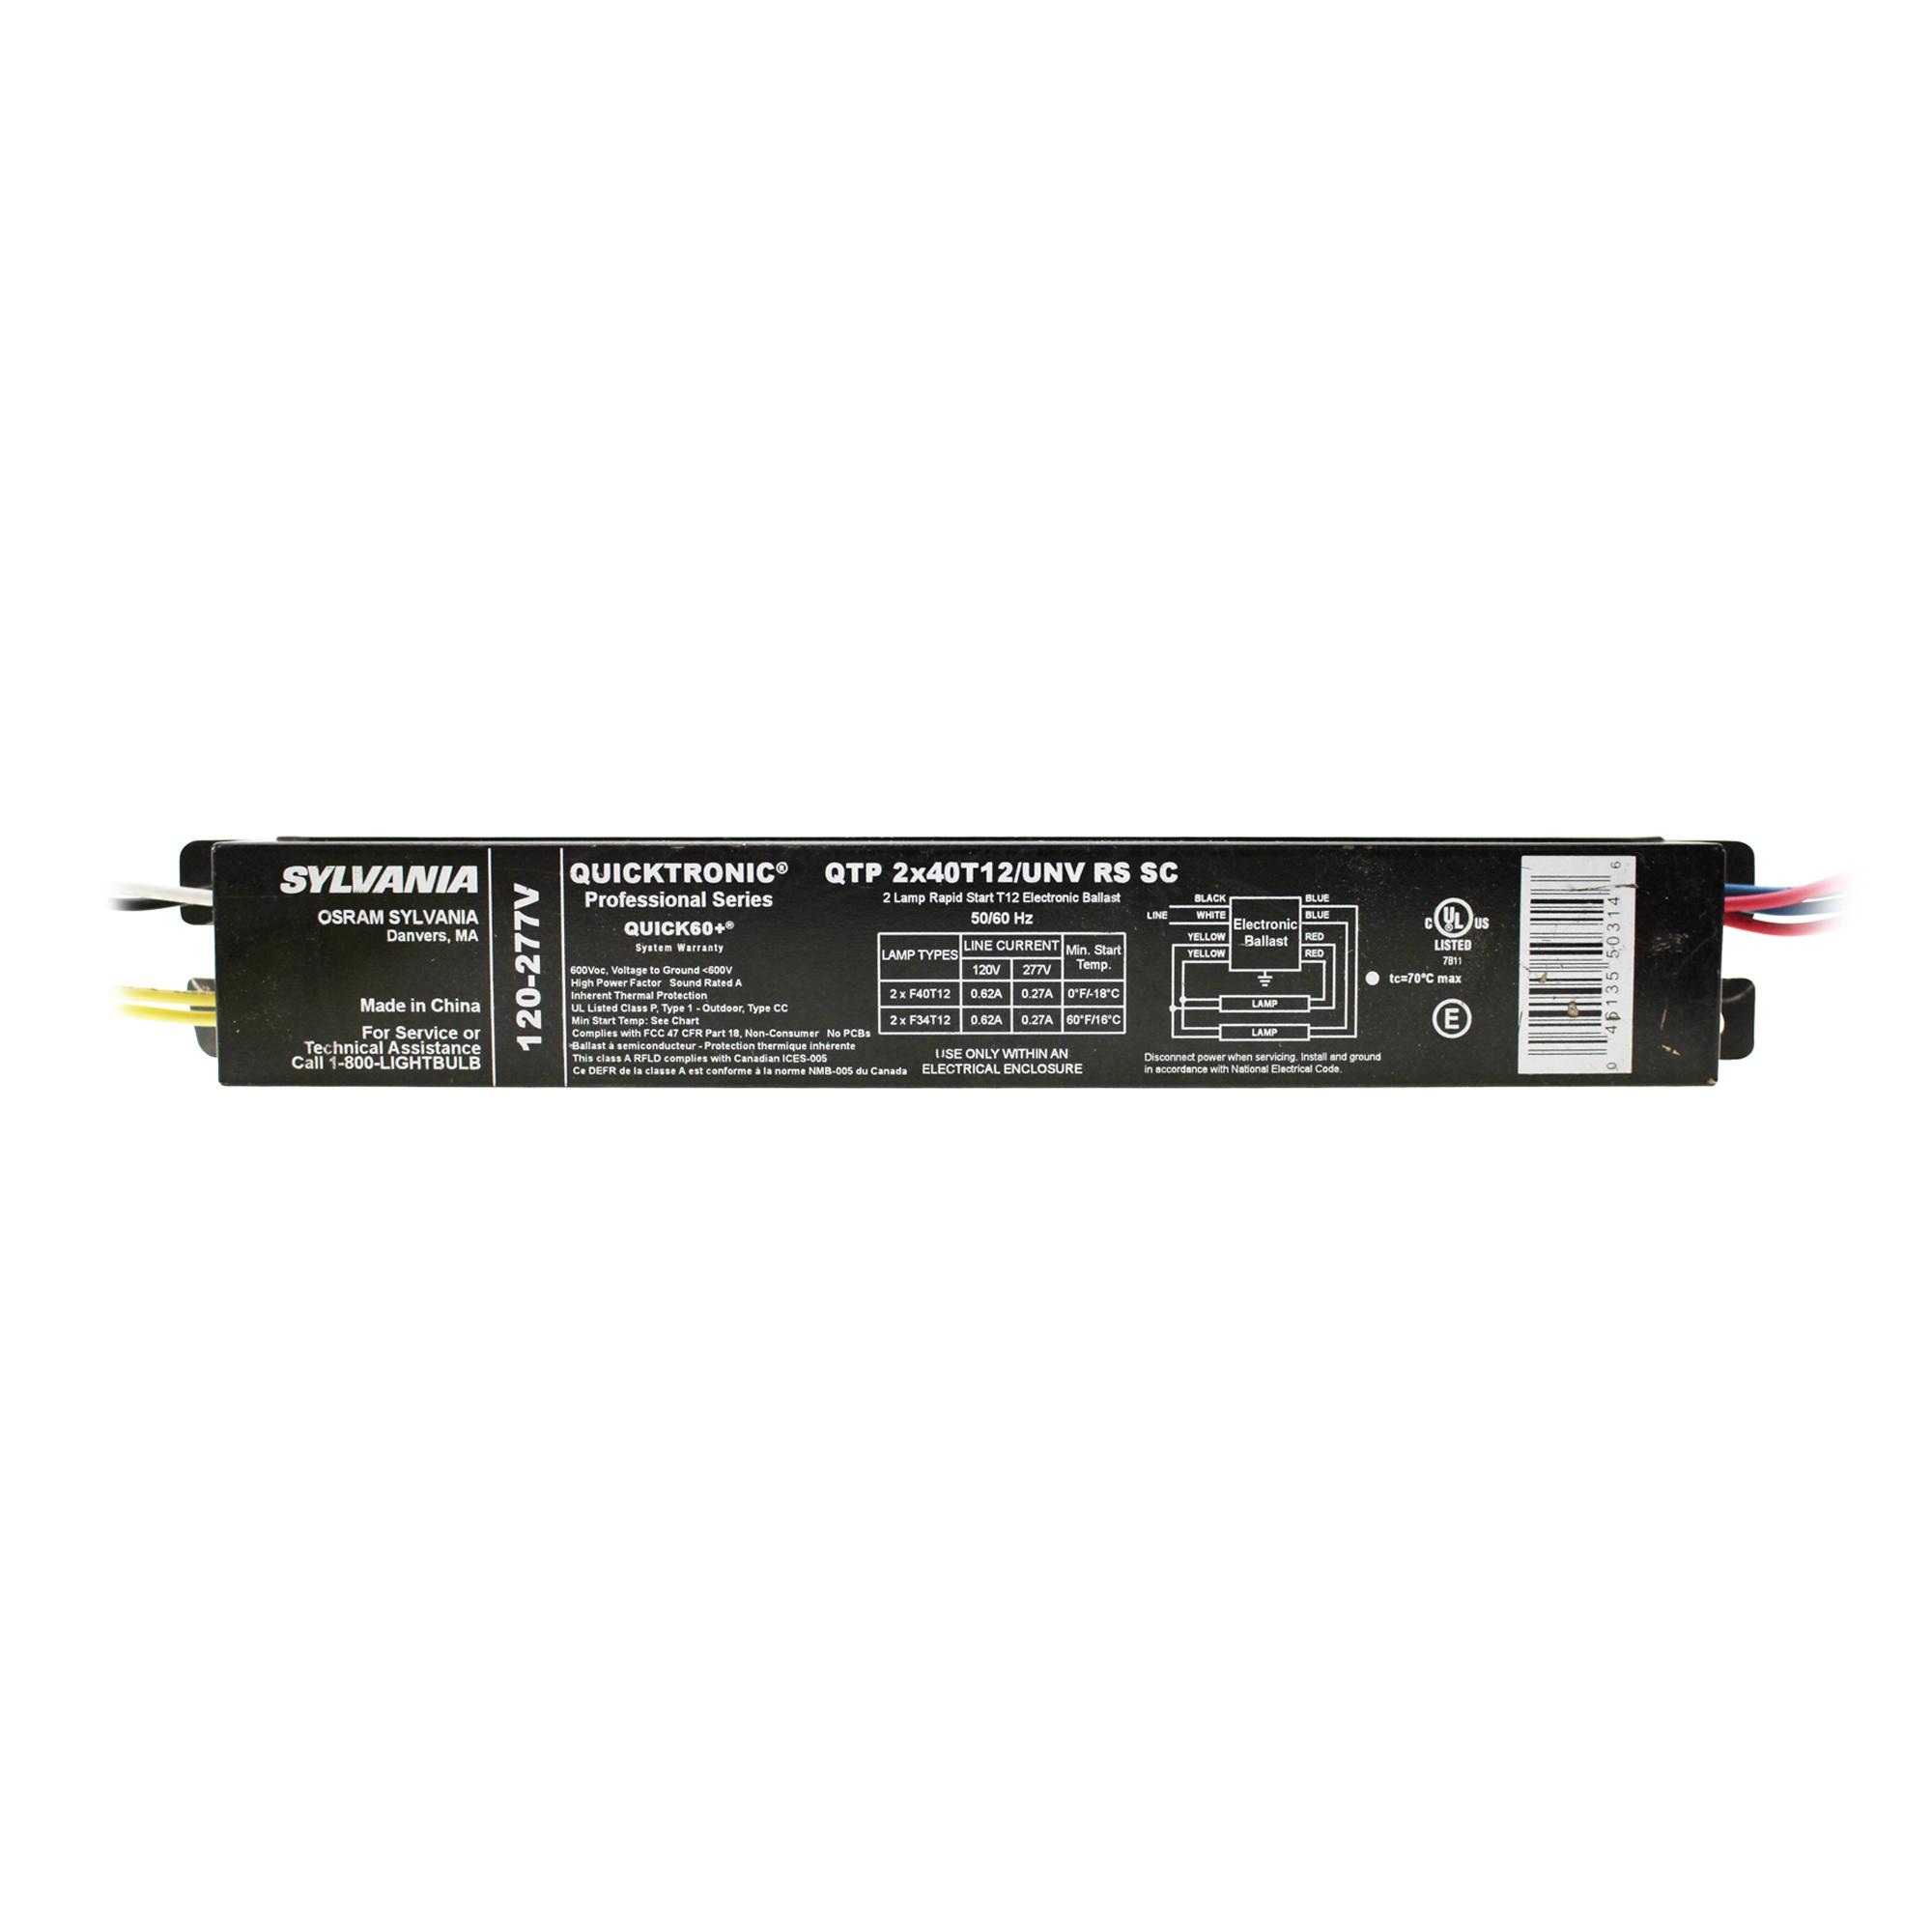 osram t5 ballast wiring diagram cat 6 rj45 sylvania cooper lighting